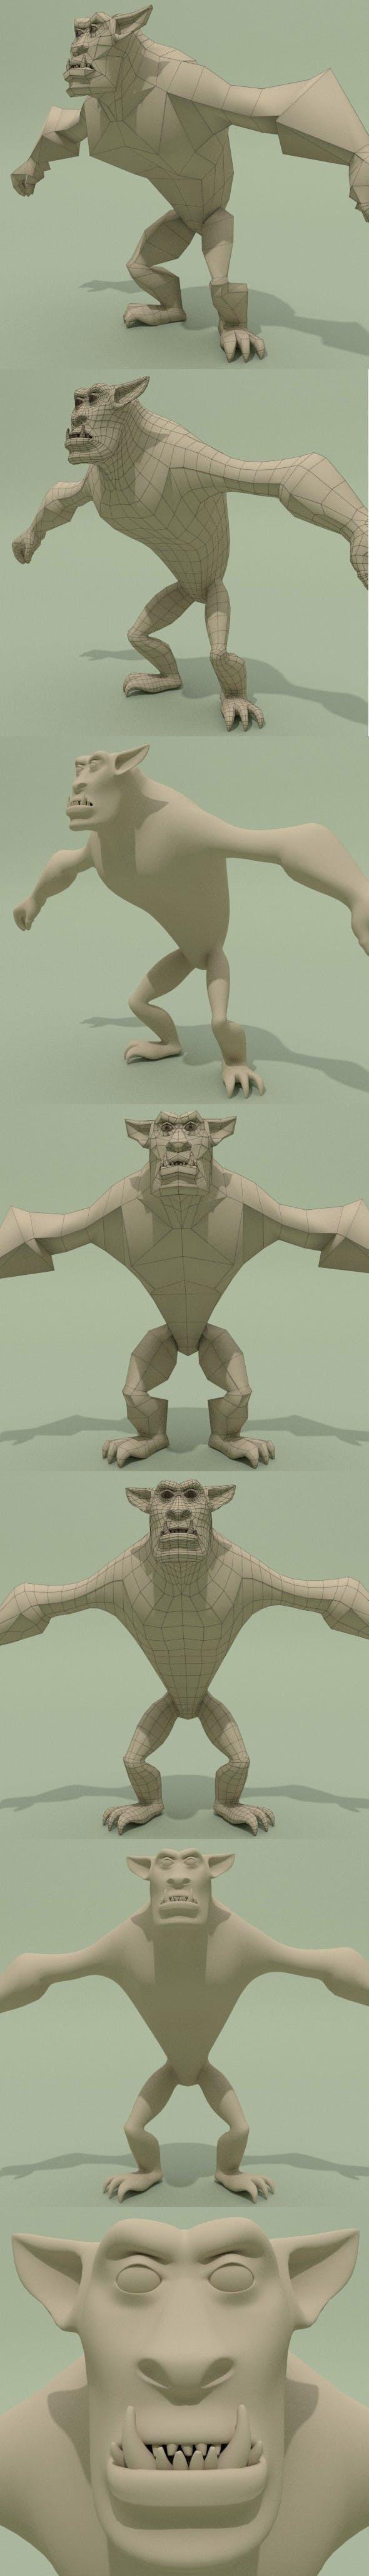 Monster Base Mesh - 3DOcean Item for Sale